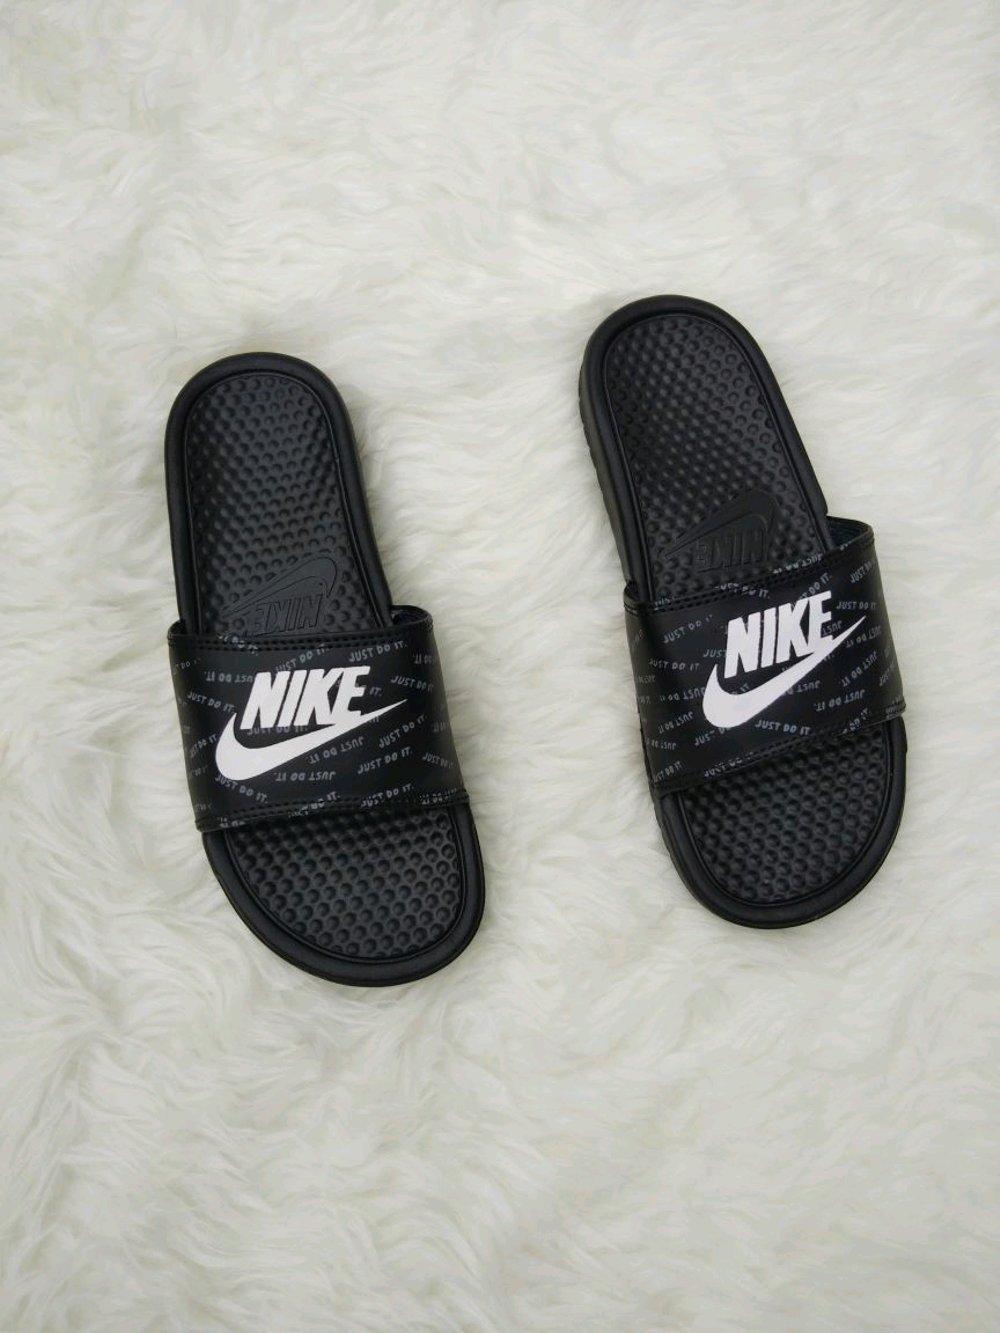 Cek Harga Baru Sandal Nike Flip Flop Benassi Swoosh Motif Black Finotti Kross Pria White Gambar Produk Rinci Original 343880 440 Terkini